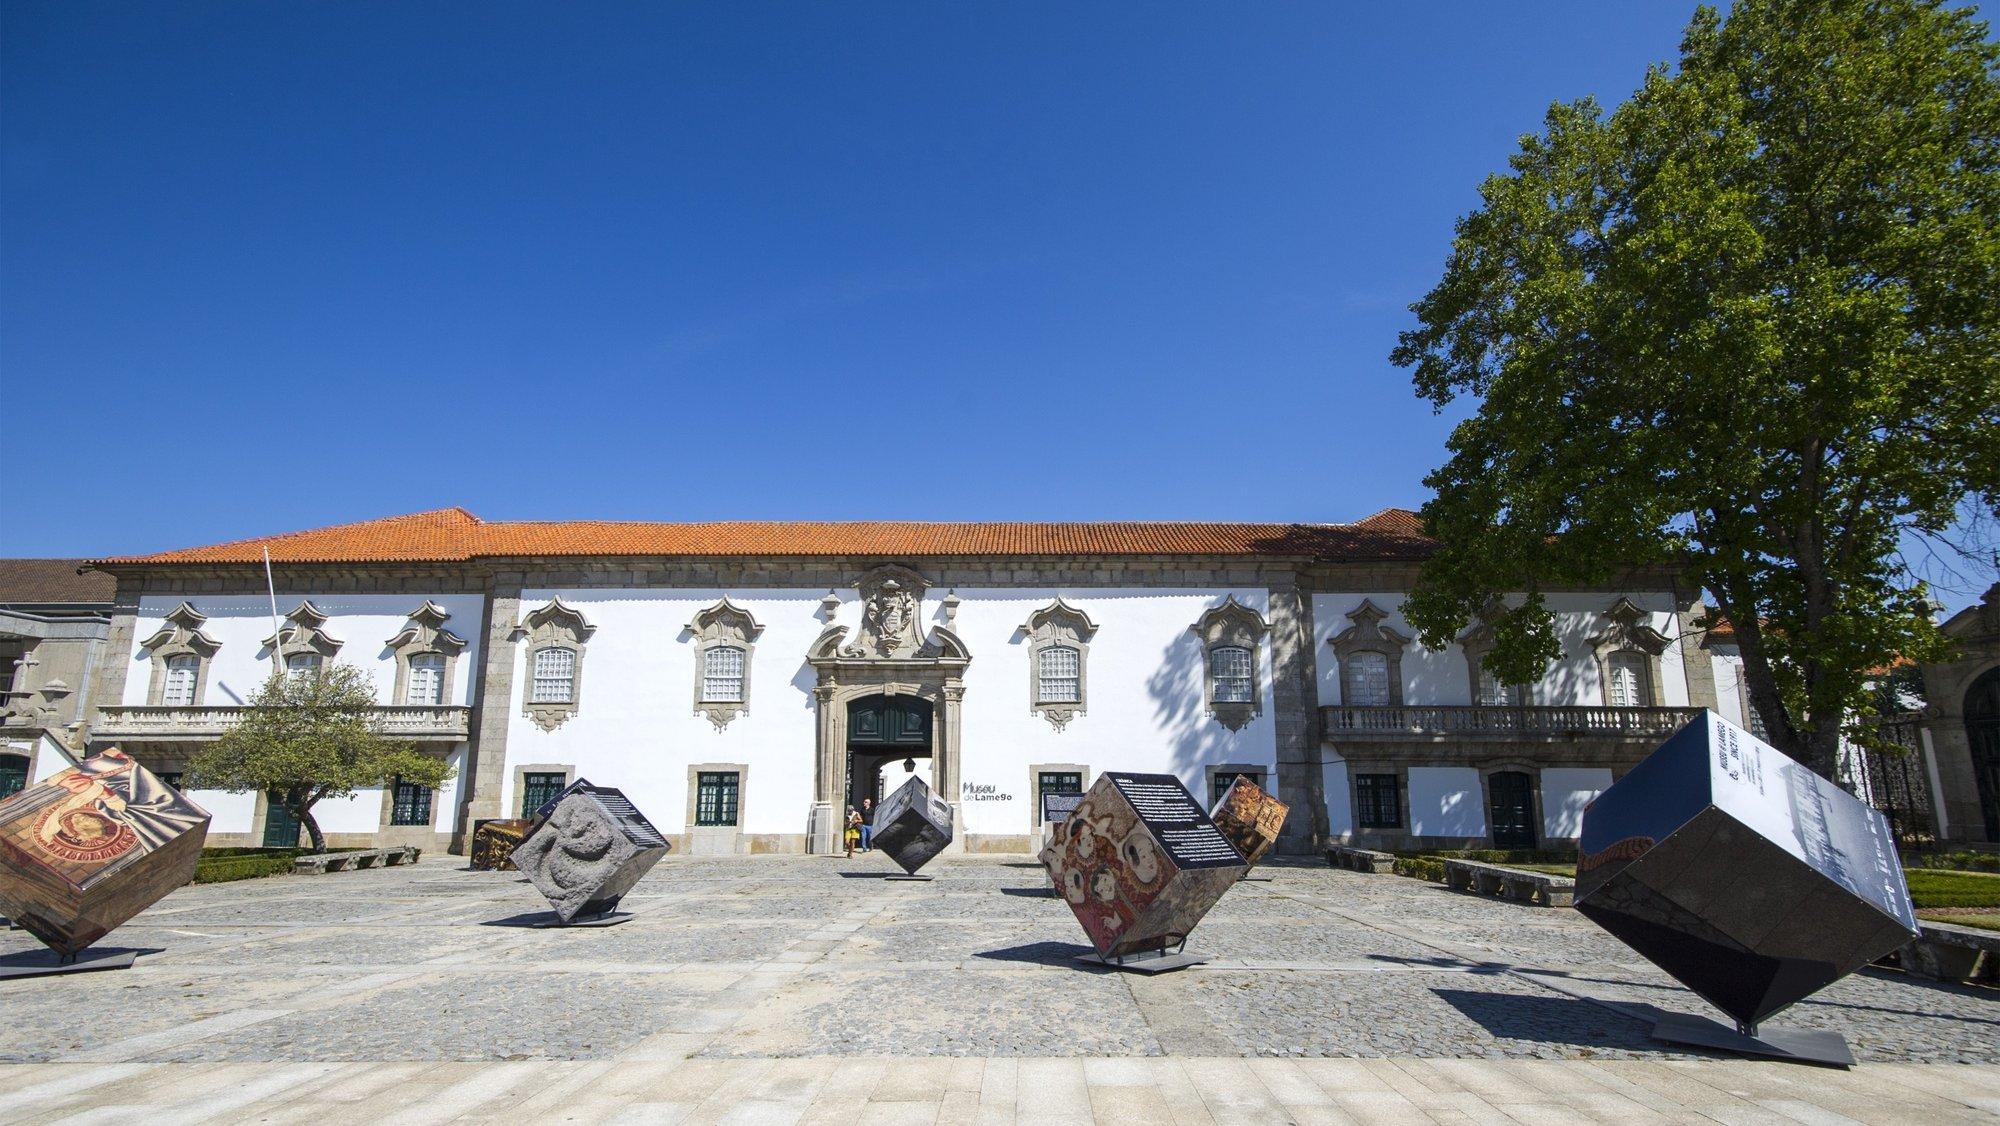 Museu de Lamego, 20 de setembro de 2017. OCTÁVIO PASSOS / LUSA